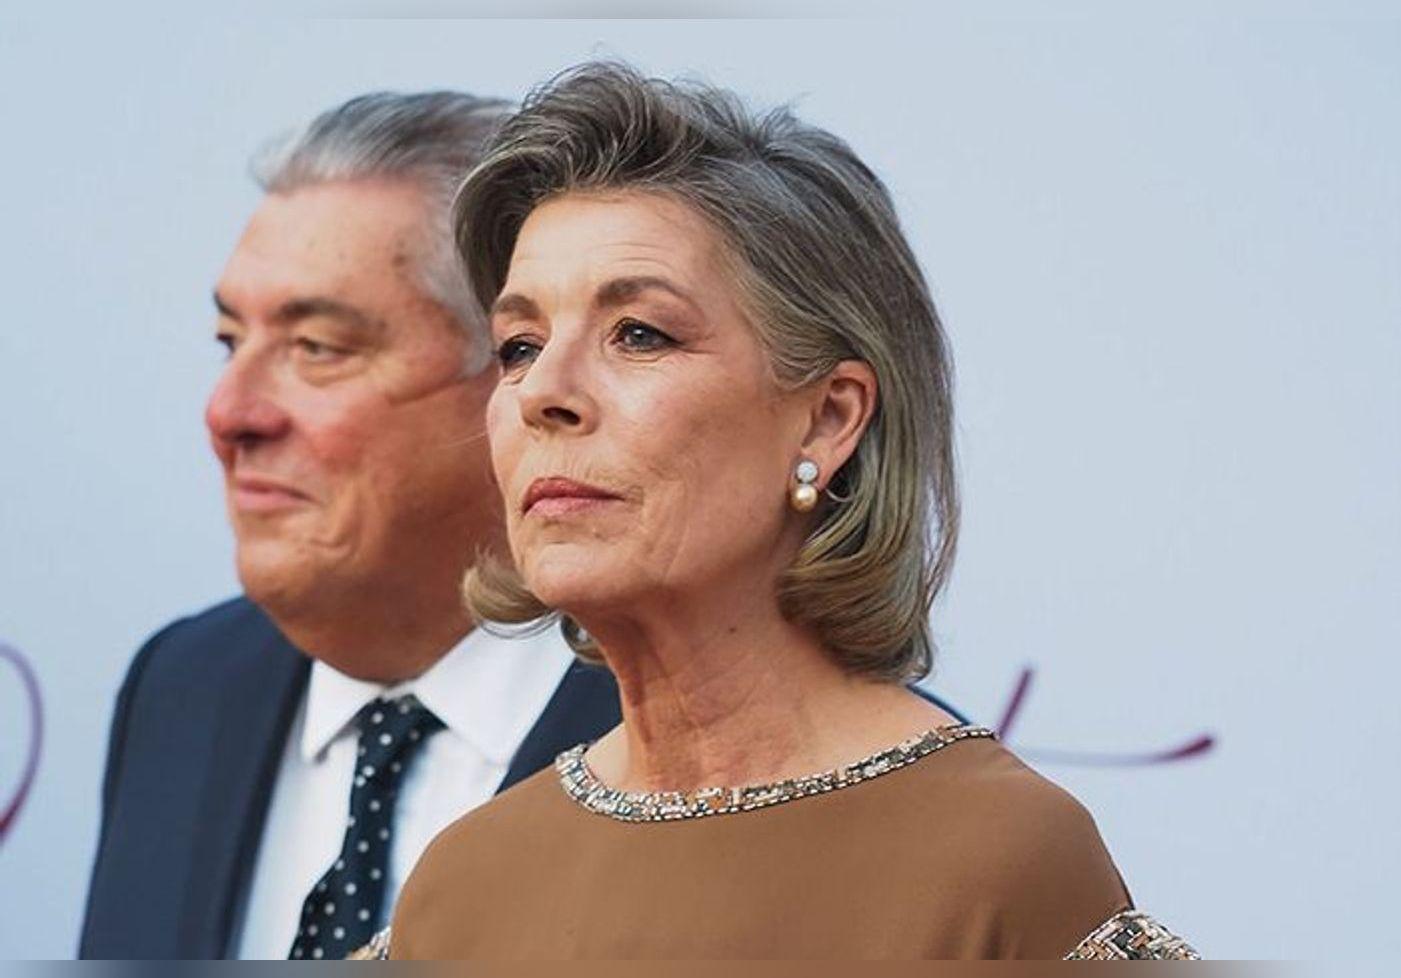 Caroline de Monaco : à 64 ans elle dévoile ses cheveux blancs… La princesse rayonne avec sa coupe au carré au naturel